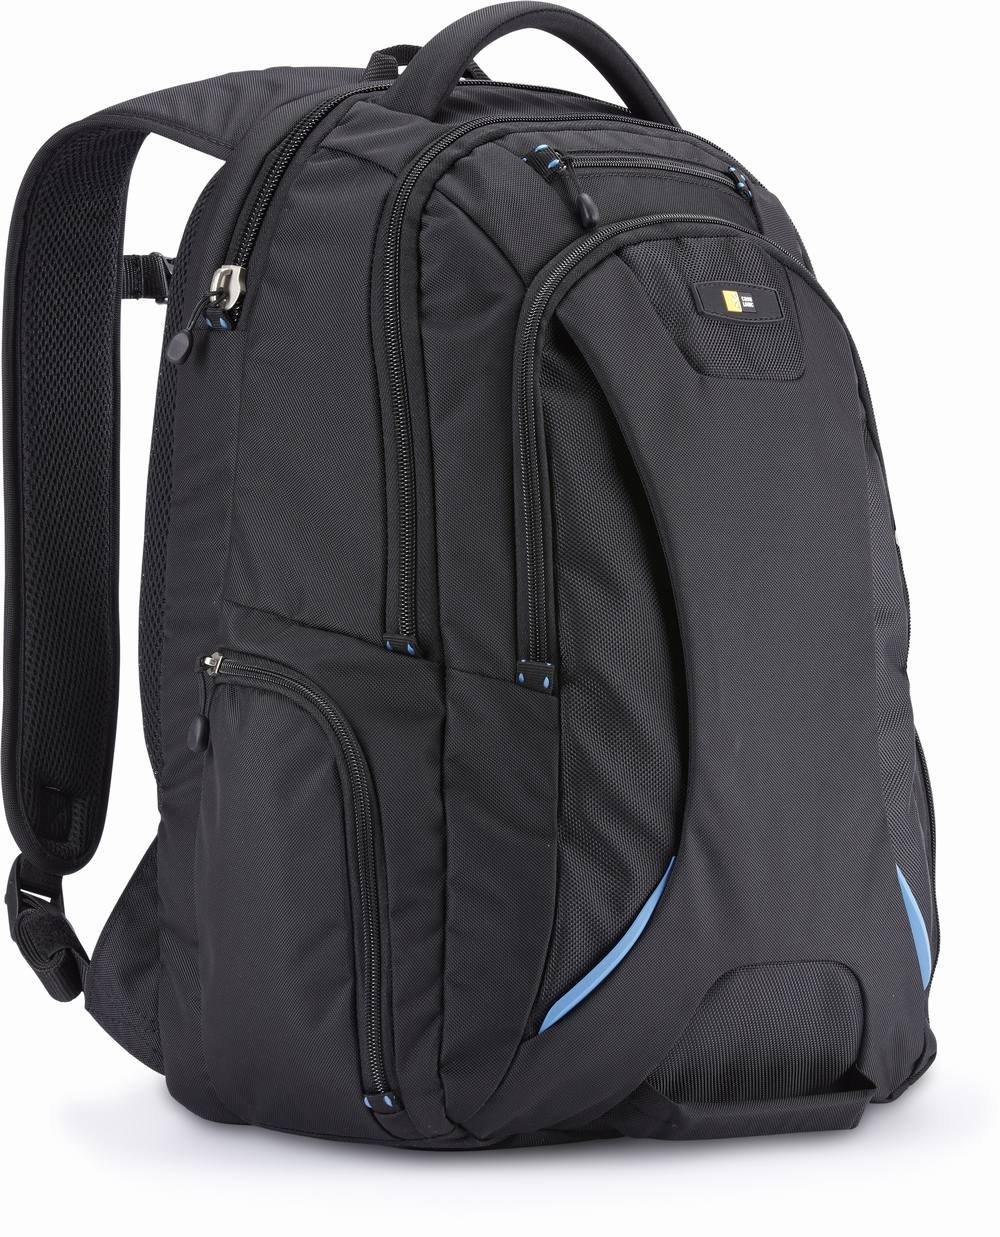 Case Logic BEBP-115 Sac à dos en nylon Ordinateur portable/Tablette PC à 15 Noir Caselogic BEBP-115Black Sacoche housse